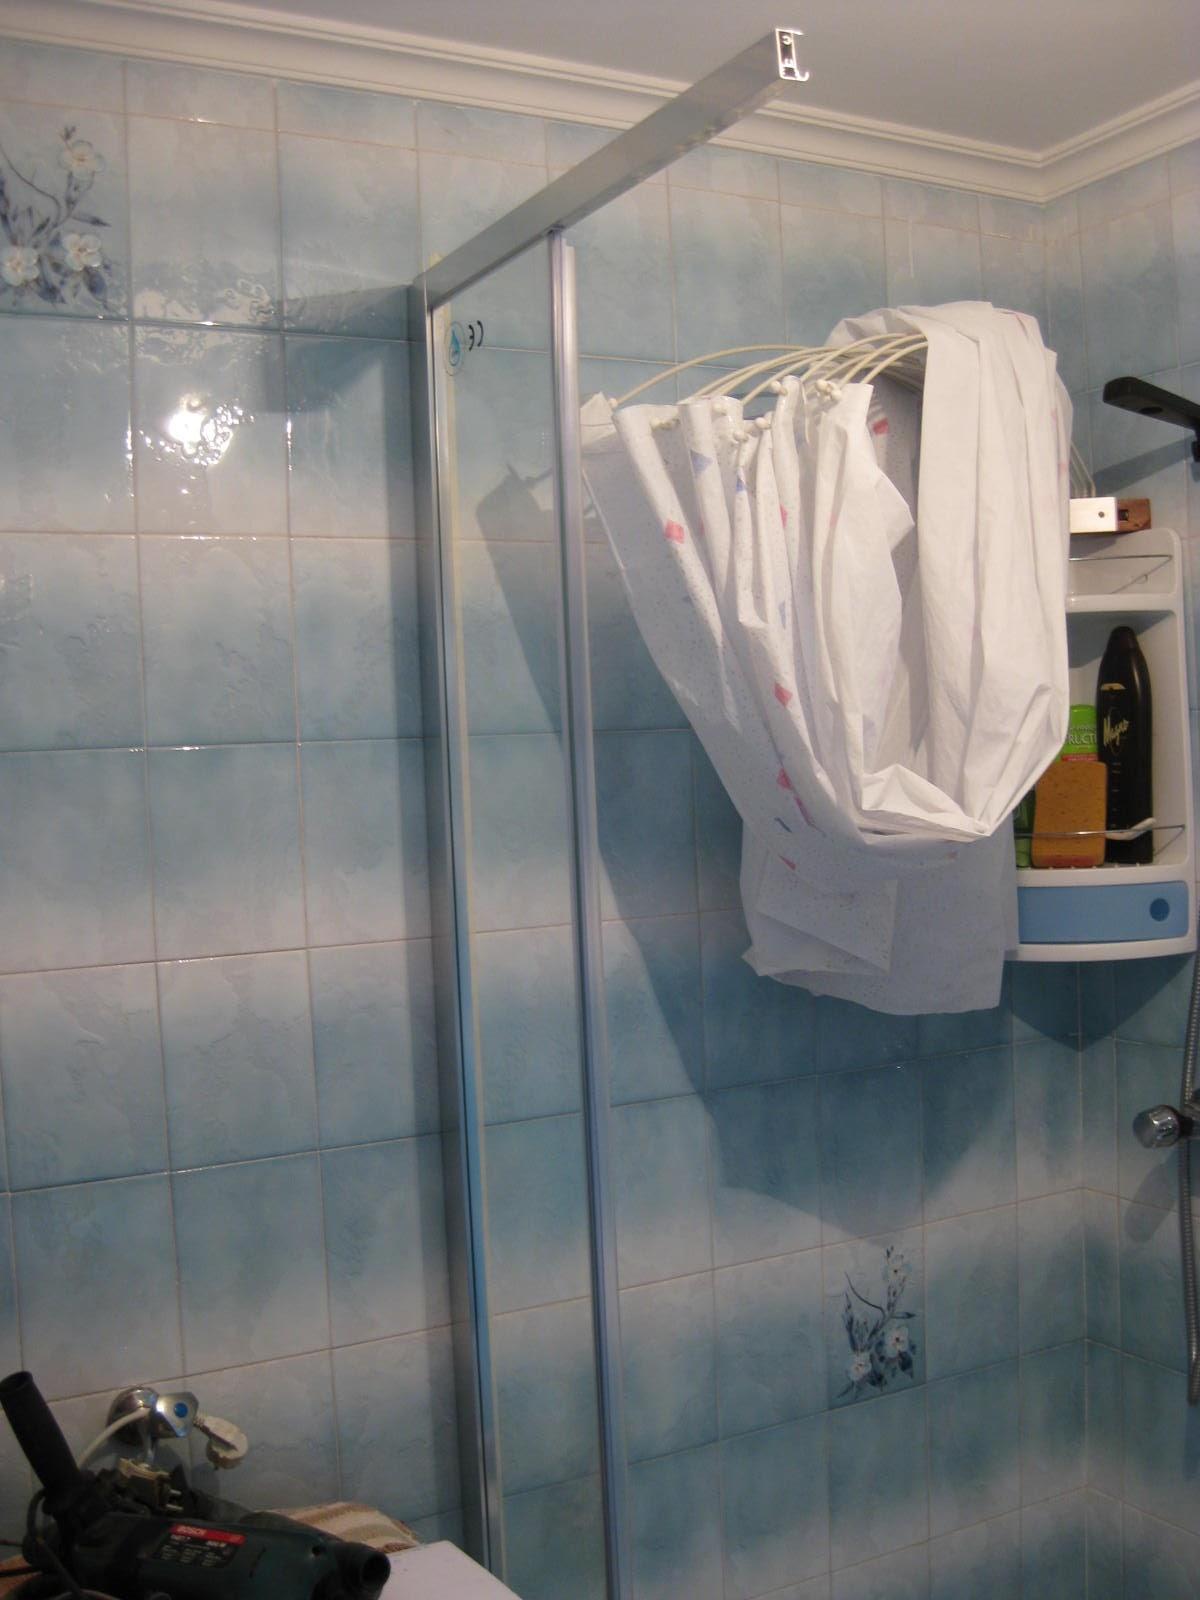 Bricolaje oficios y otras cosas como instalar una mampara de ducha - Instalar una mampara de ducha ...